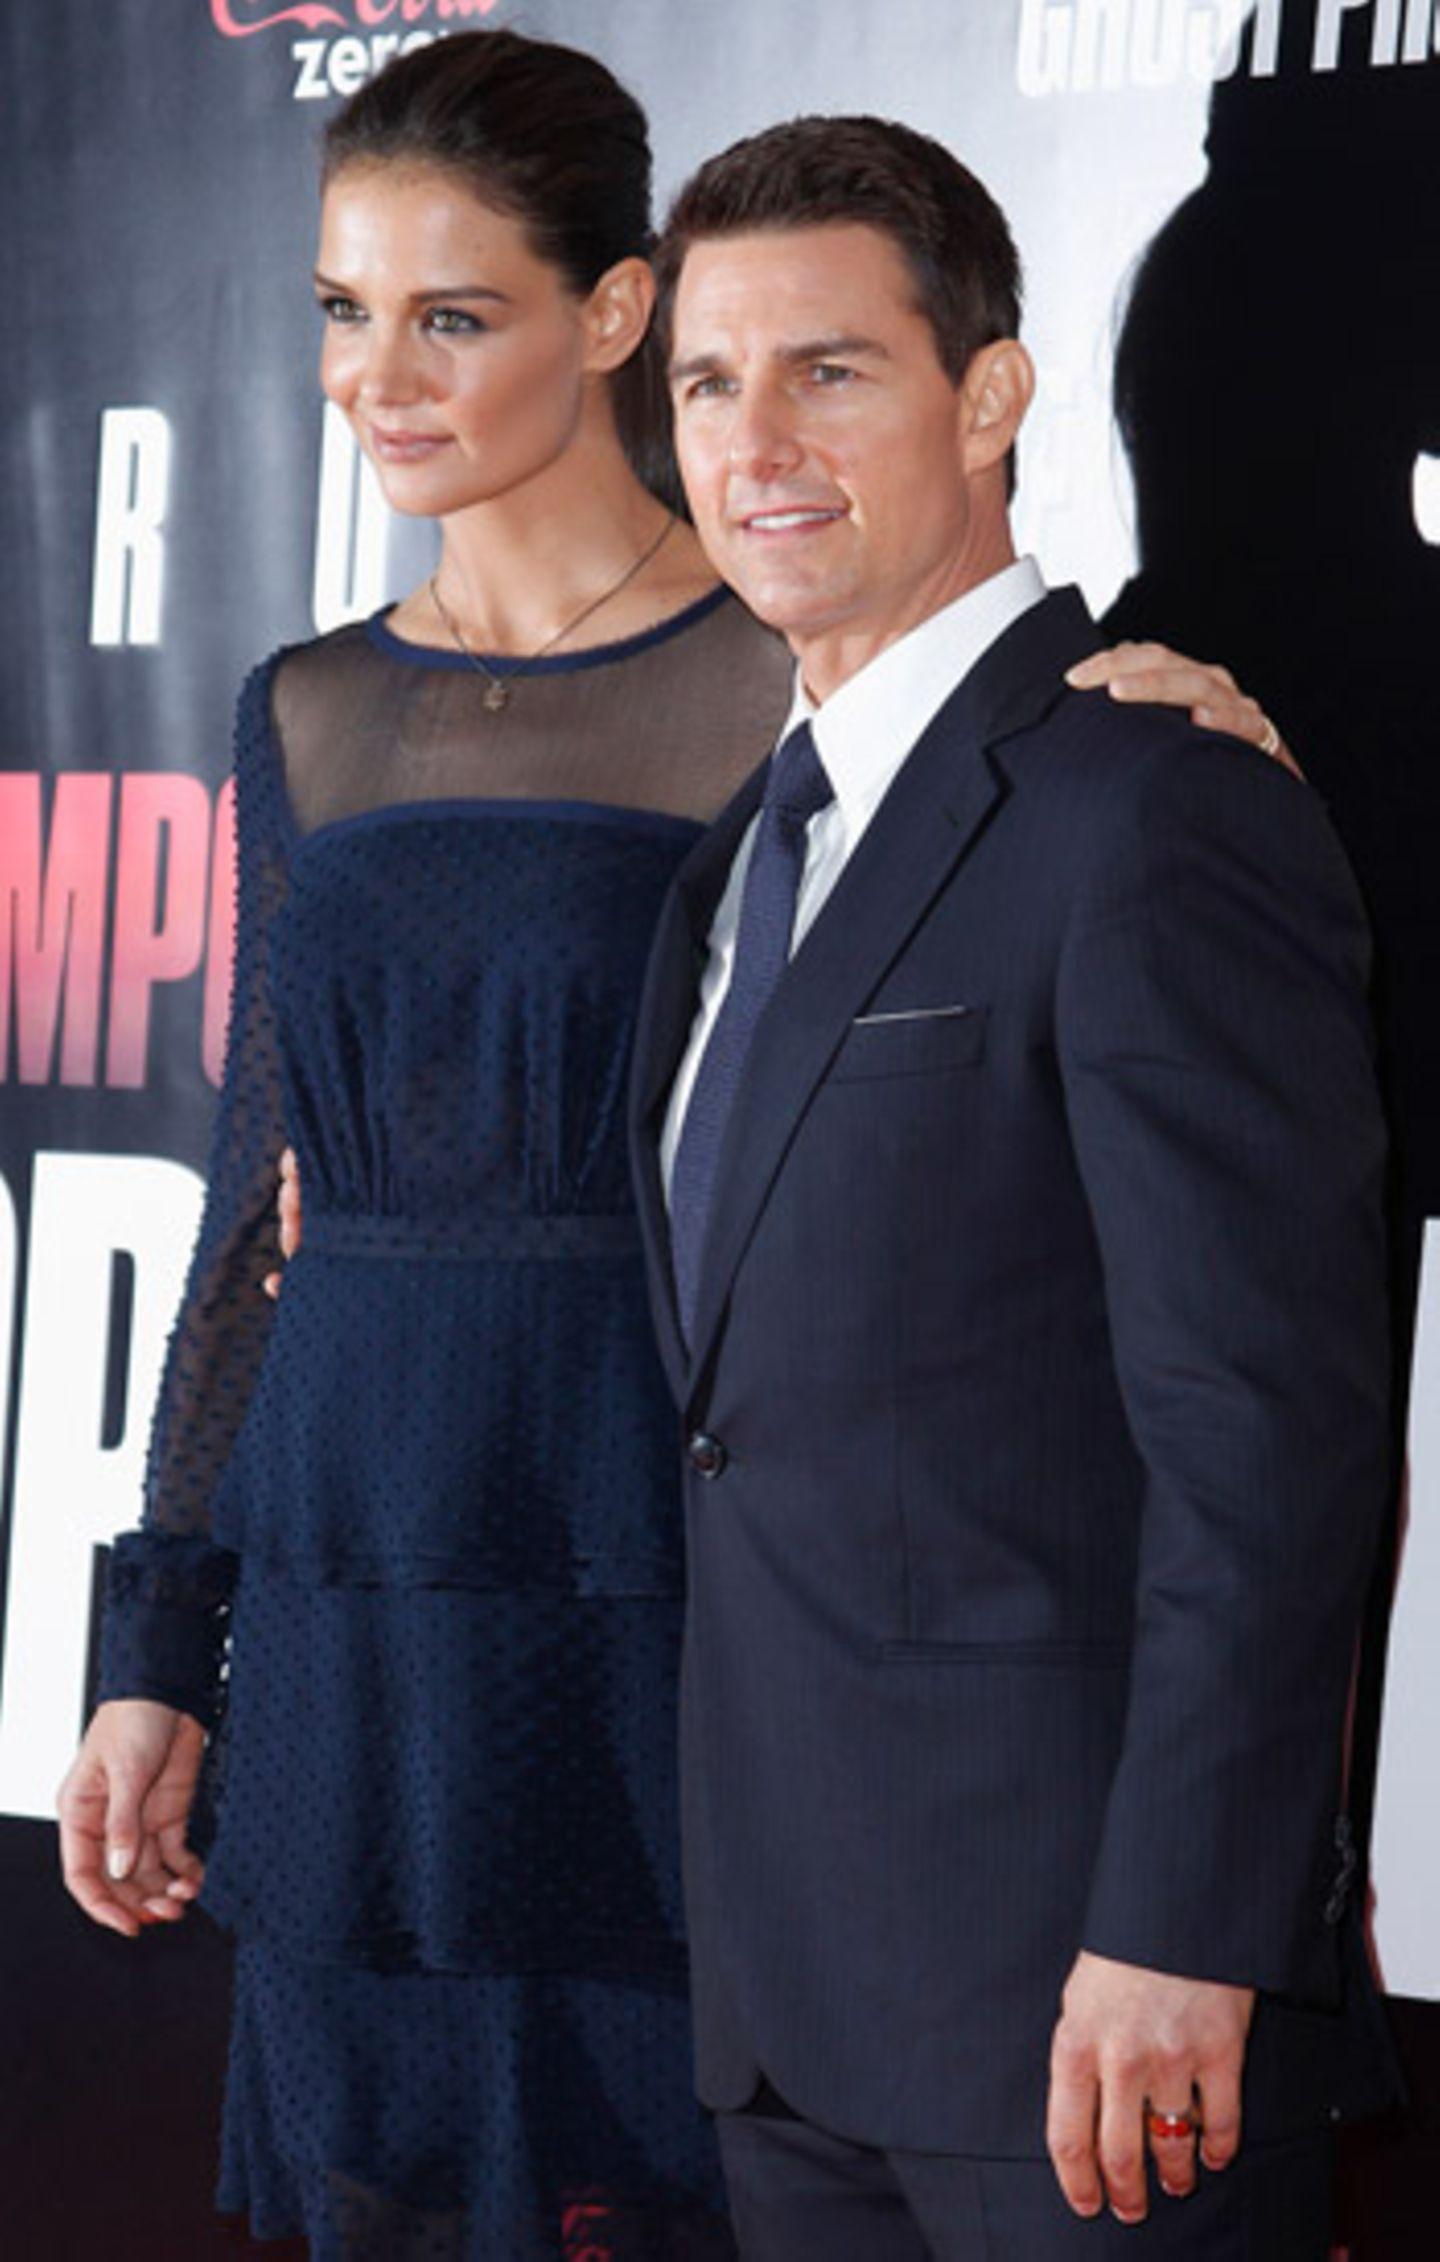 19. Dezember 2011: Zurück in seiner Heimat feiert Tom Cruise in New York die Filmpremiere seines neuen Films. Auf dem roten Tepp